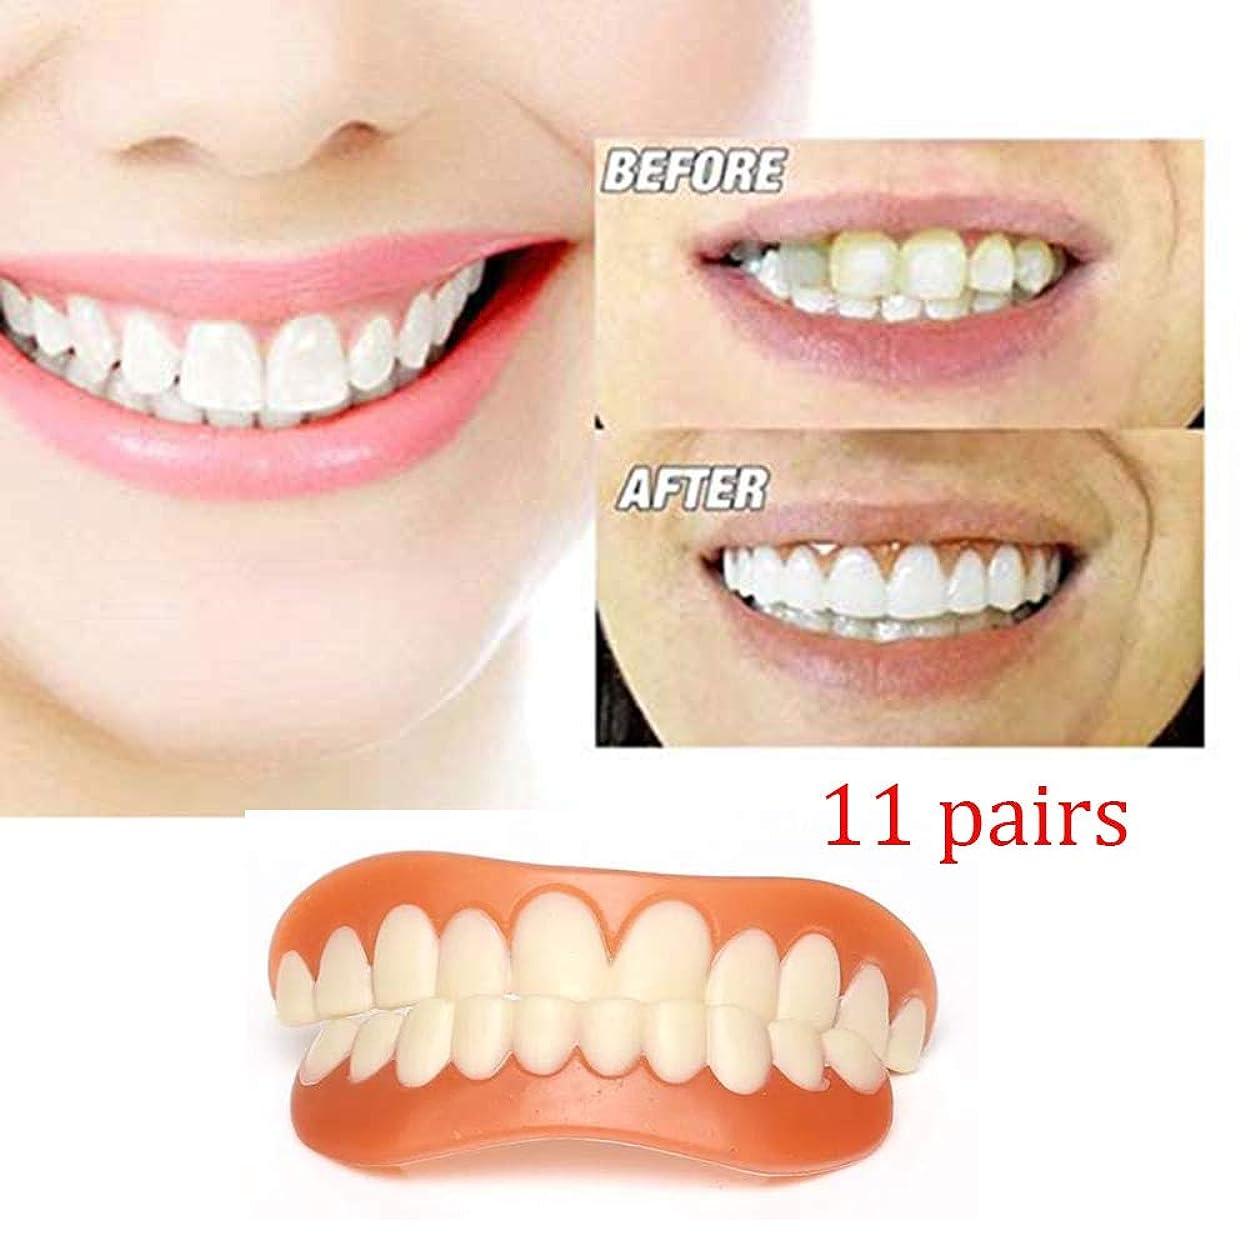 終了する皮肉なメタルライン11ペアパーフェクトスマイルベニヤ歯アッパーとアンダー美容ツール歯のための男性女性ナチュラル化粧品フェイク歯カバー矯正ツール